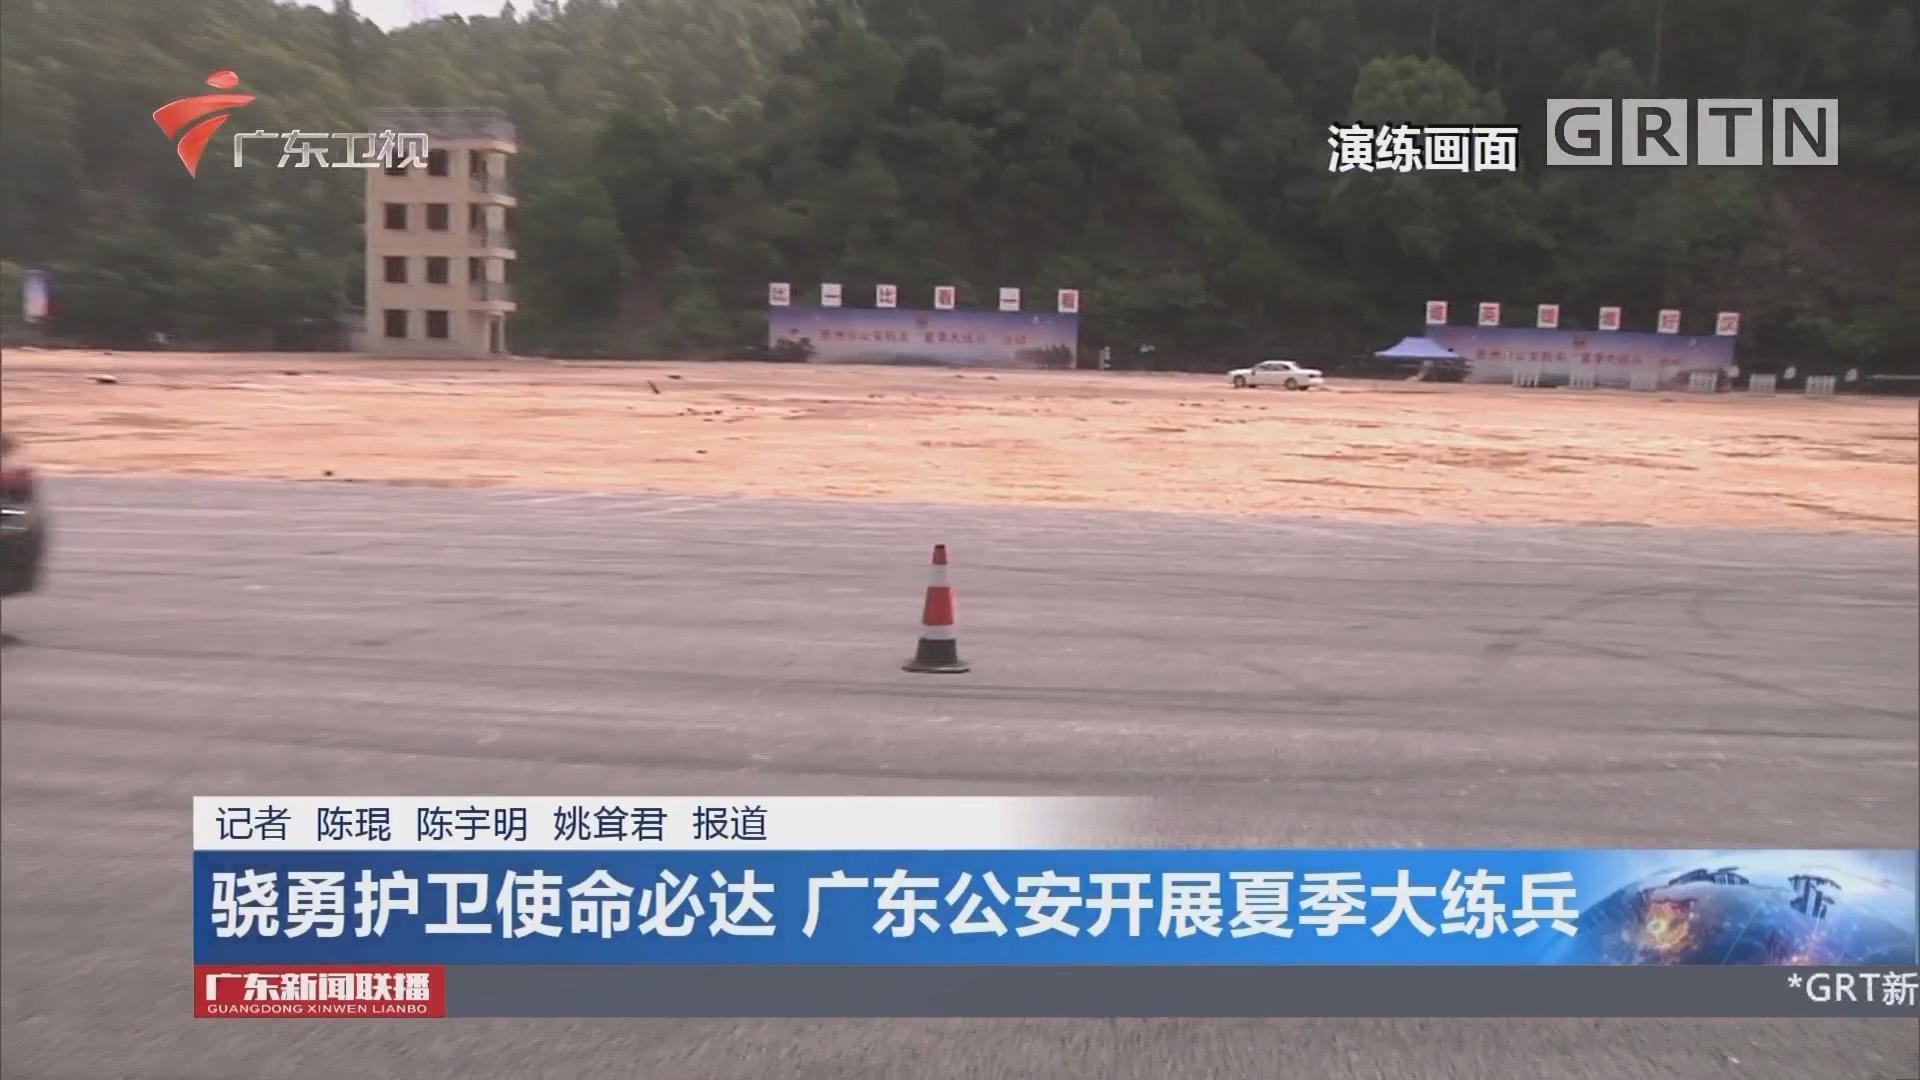 骁勇护卫使命必达 广东公安开展夏季大练兵